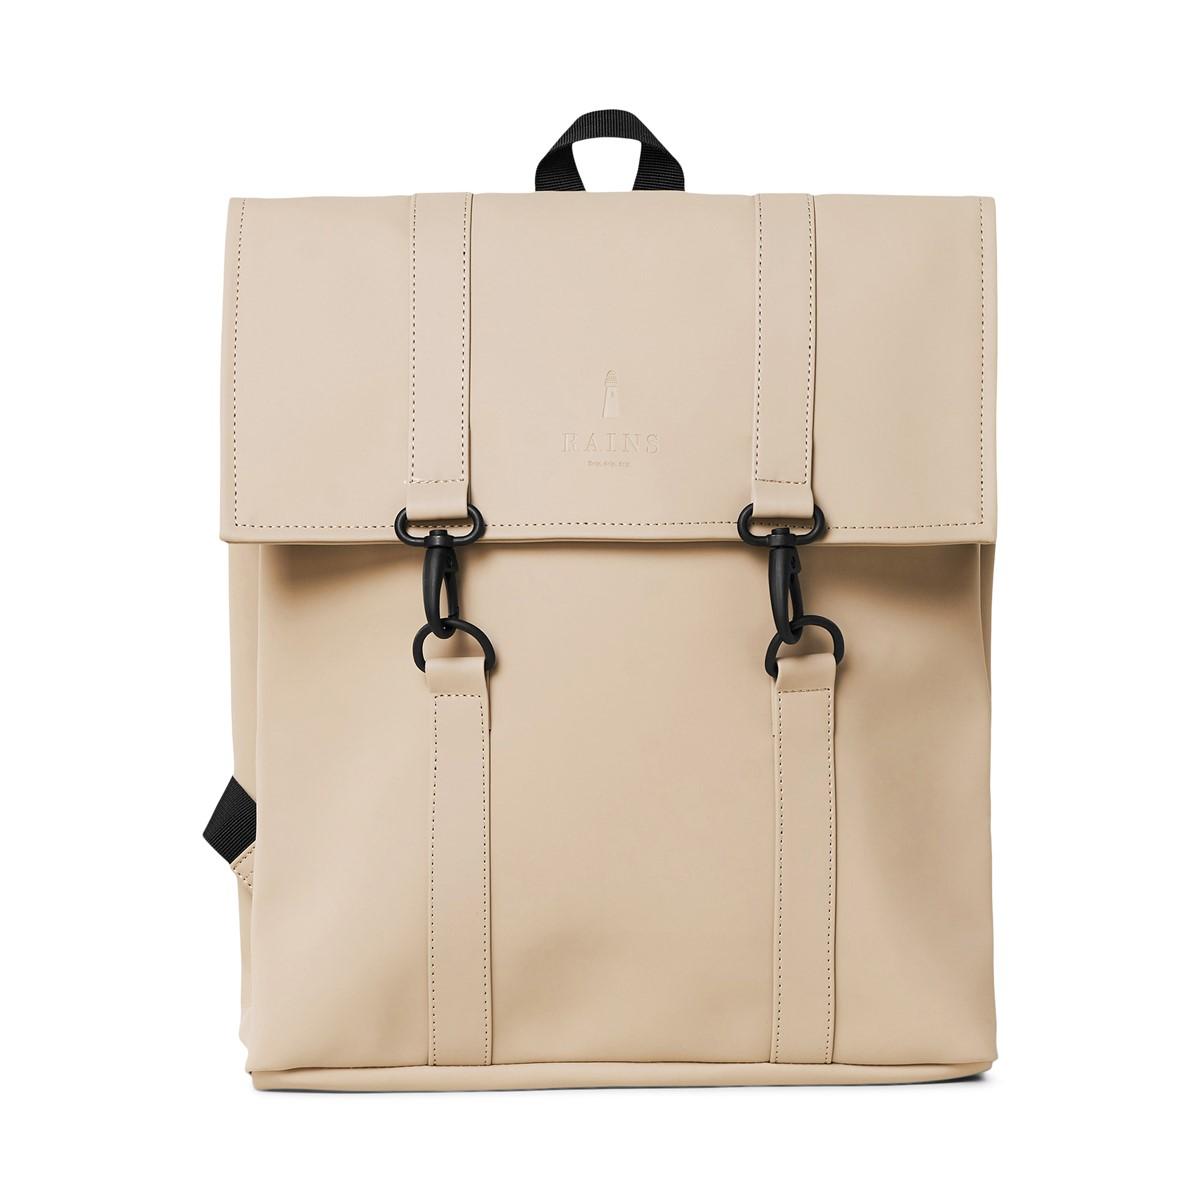 Mini Msn Backpack in Beige